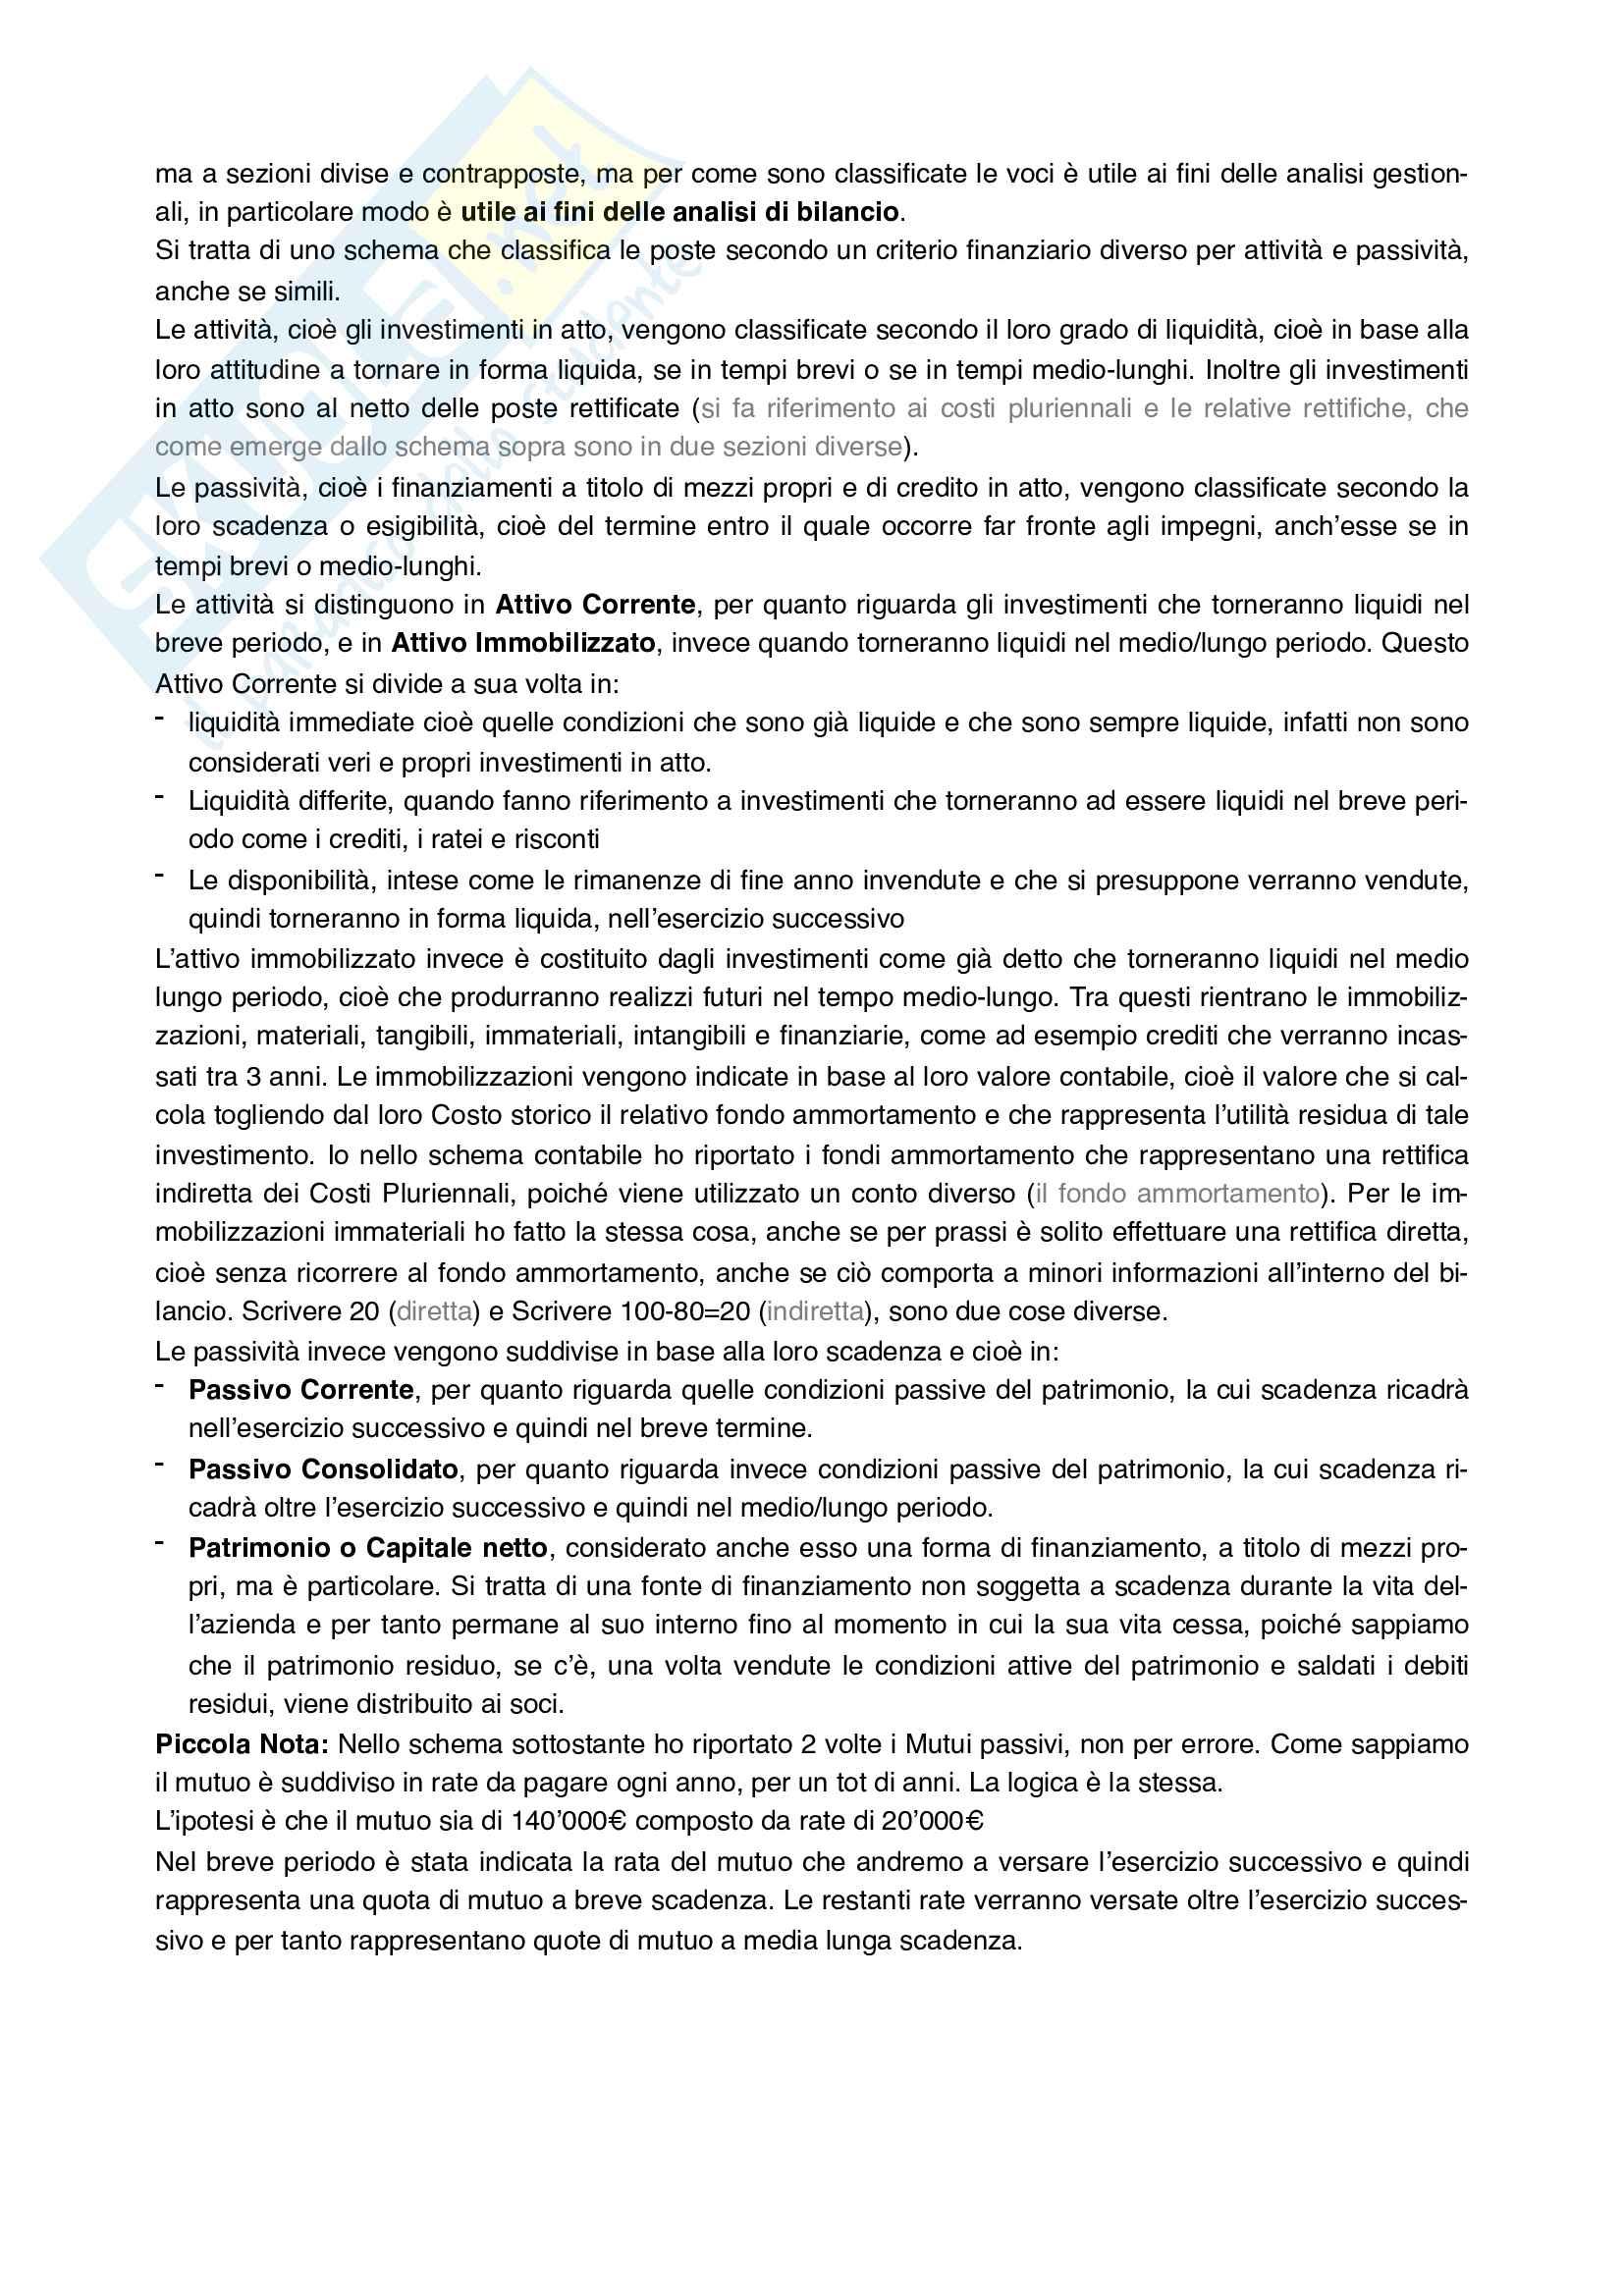 Economia aziendale secondo parziale Pag. 16